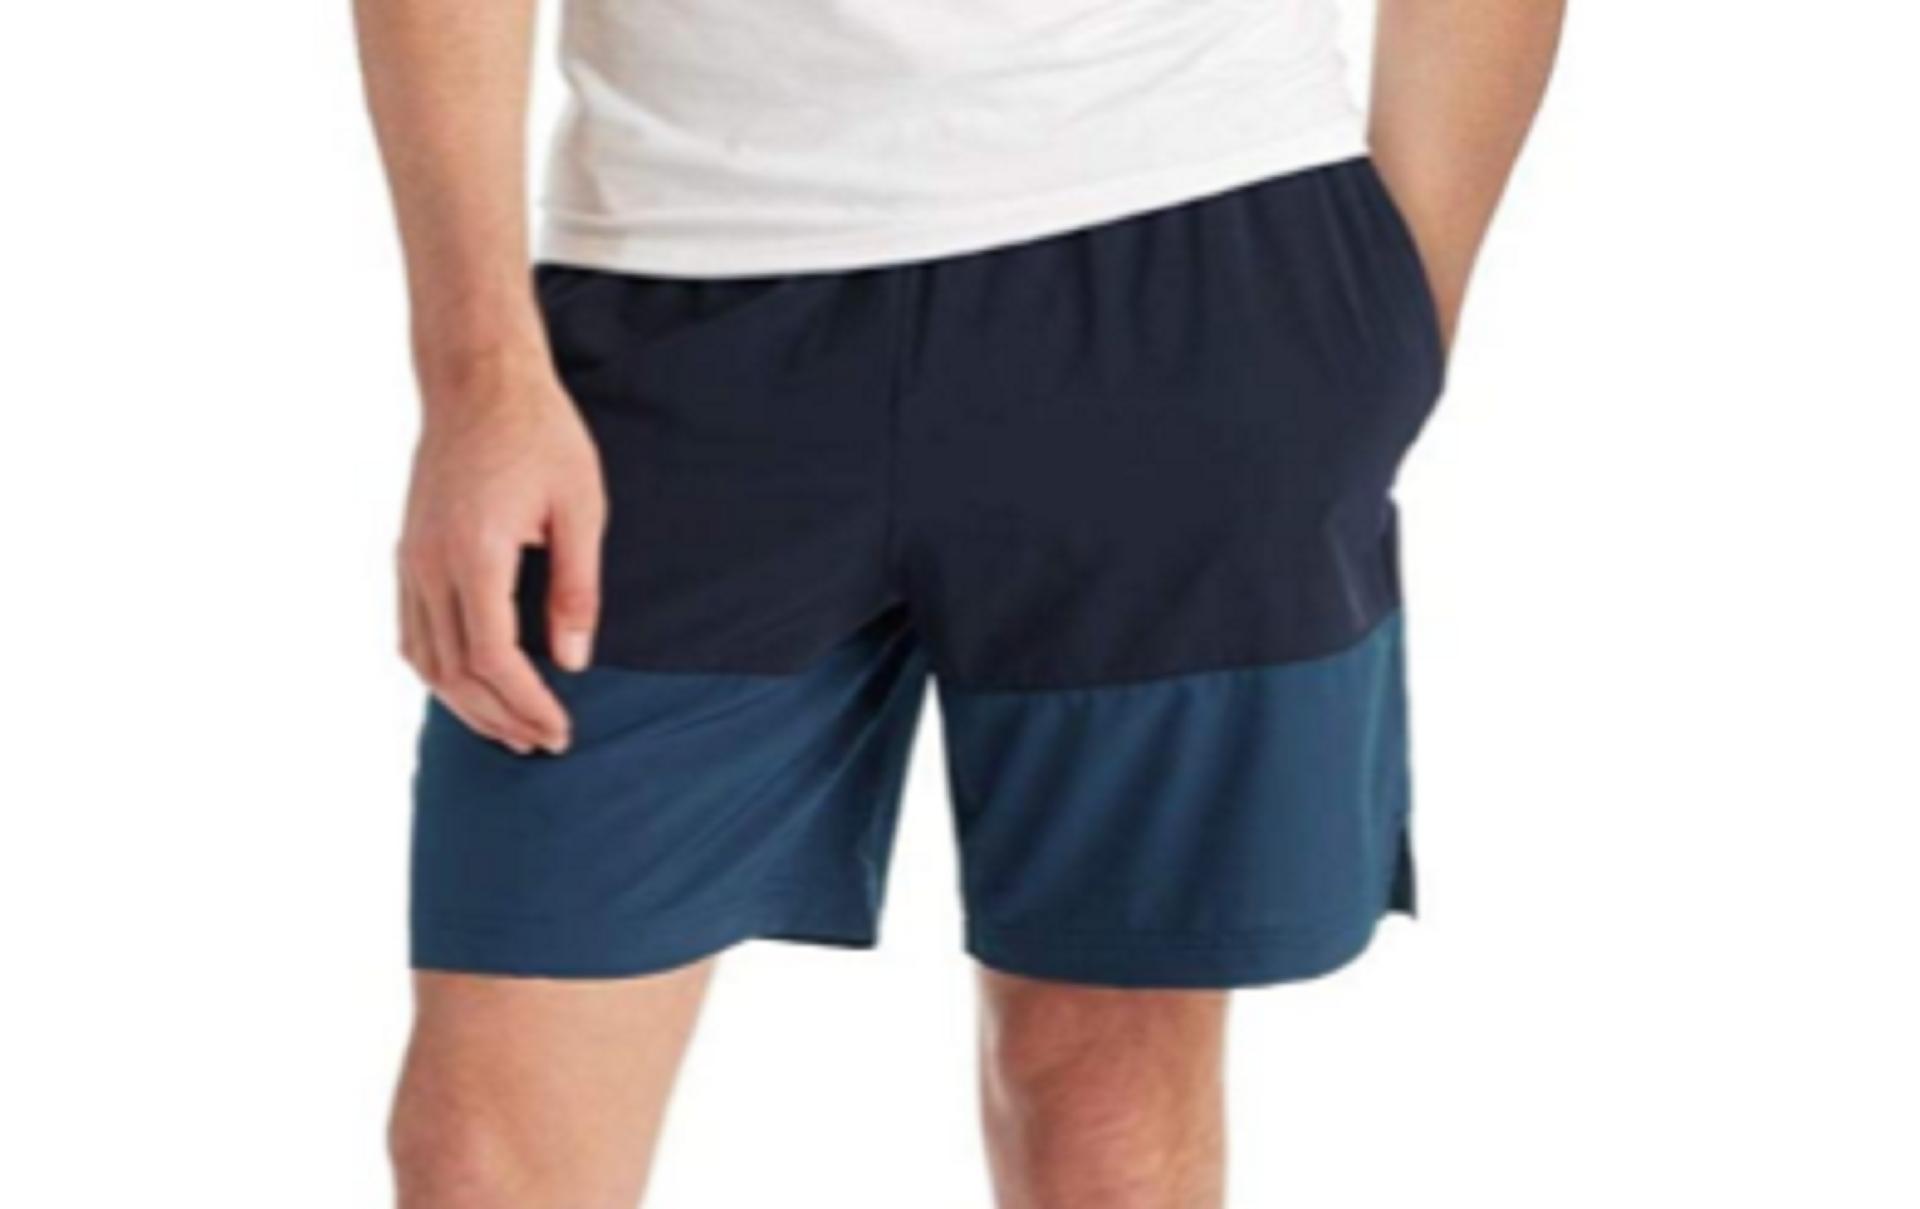 c9 champion men's running shorts